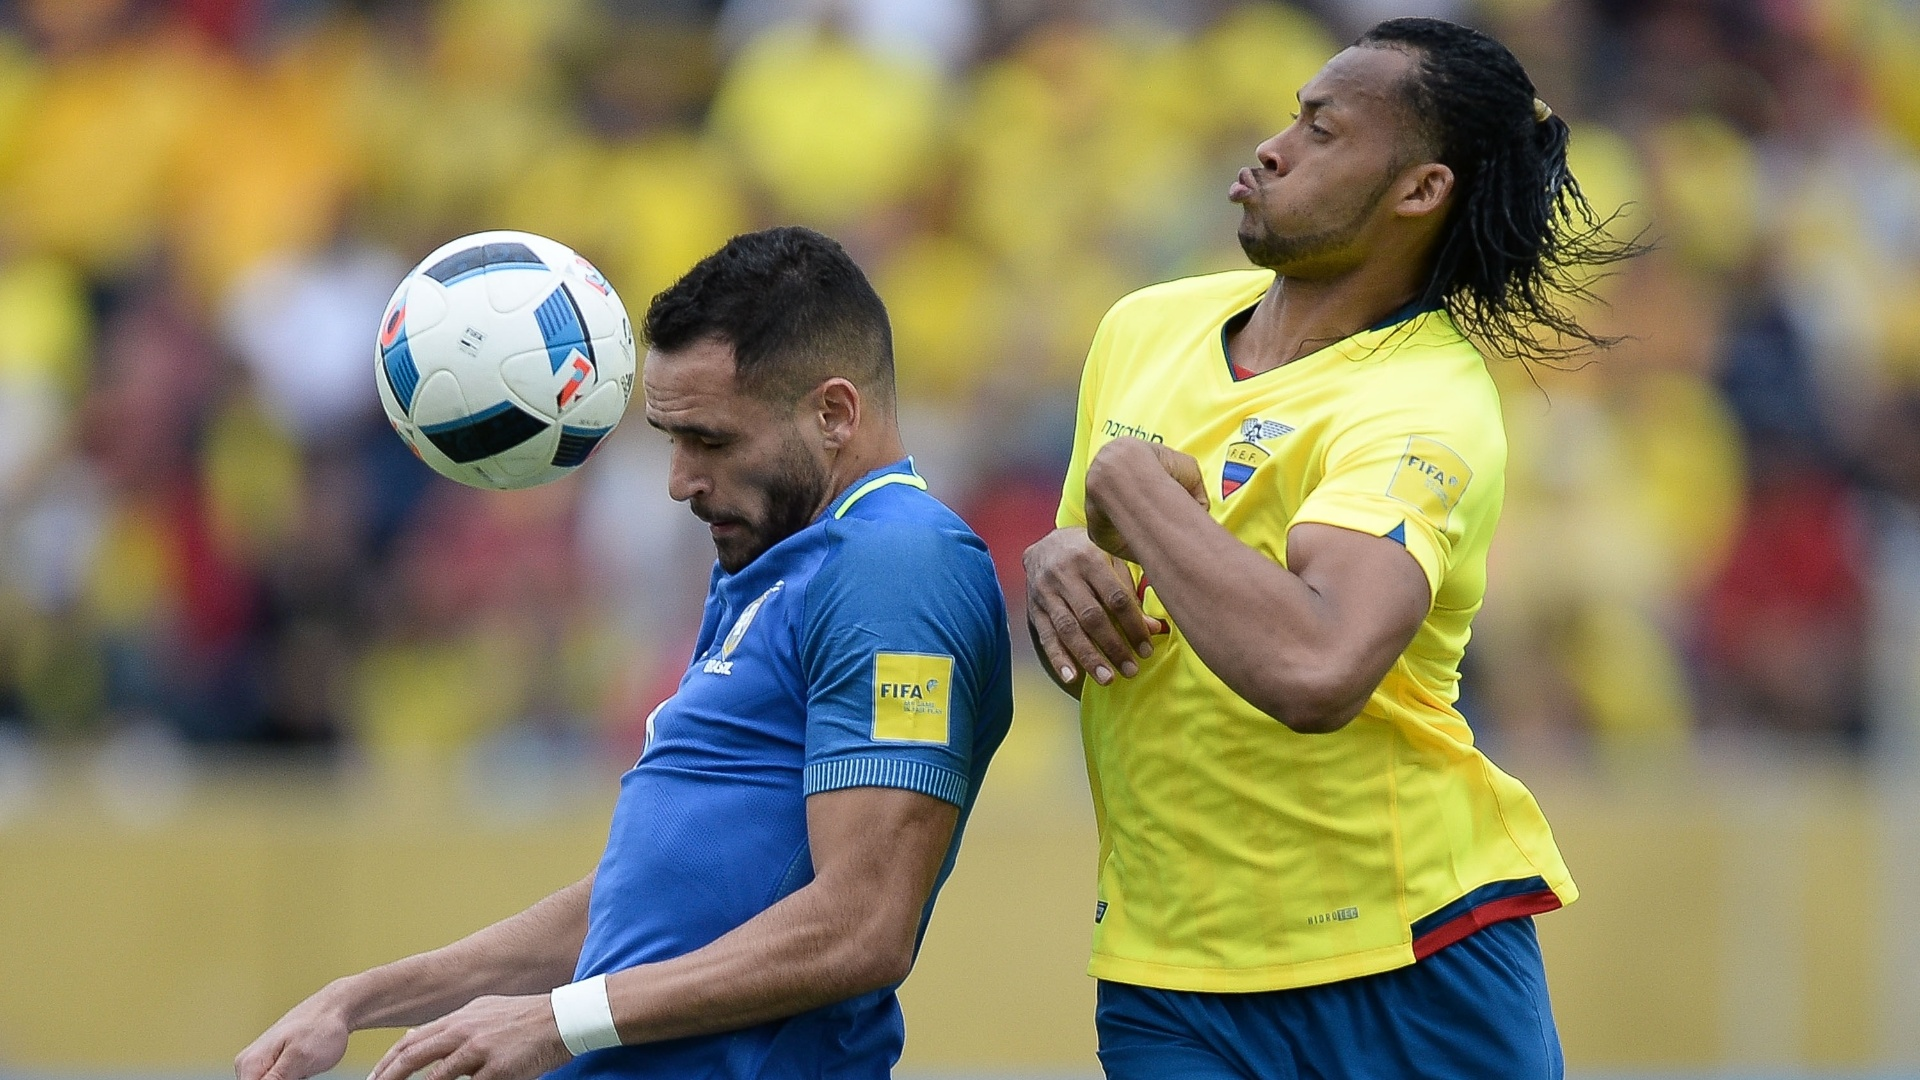 Renato Augusto sofre marcação ao tentar dominar a bola em partida pelas Eliminatórias da Copa